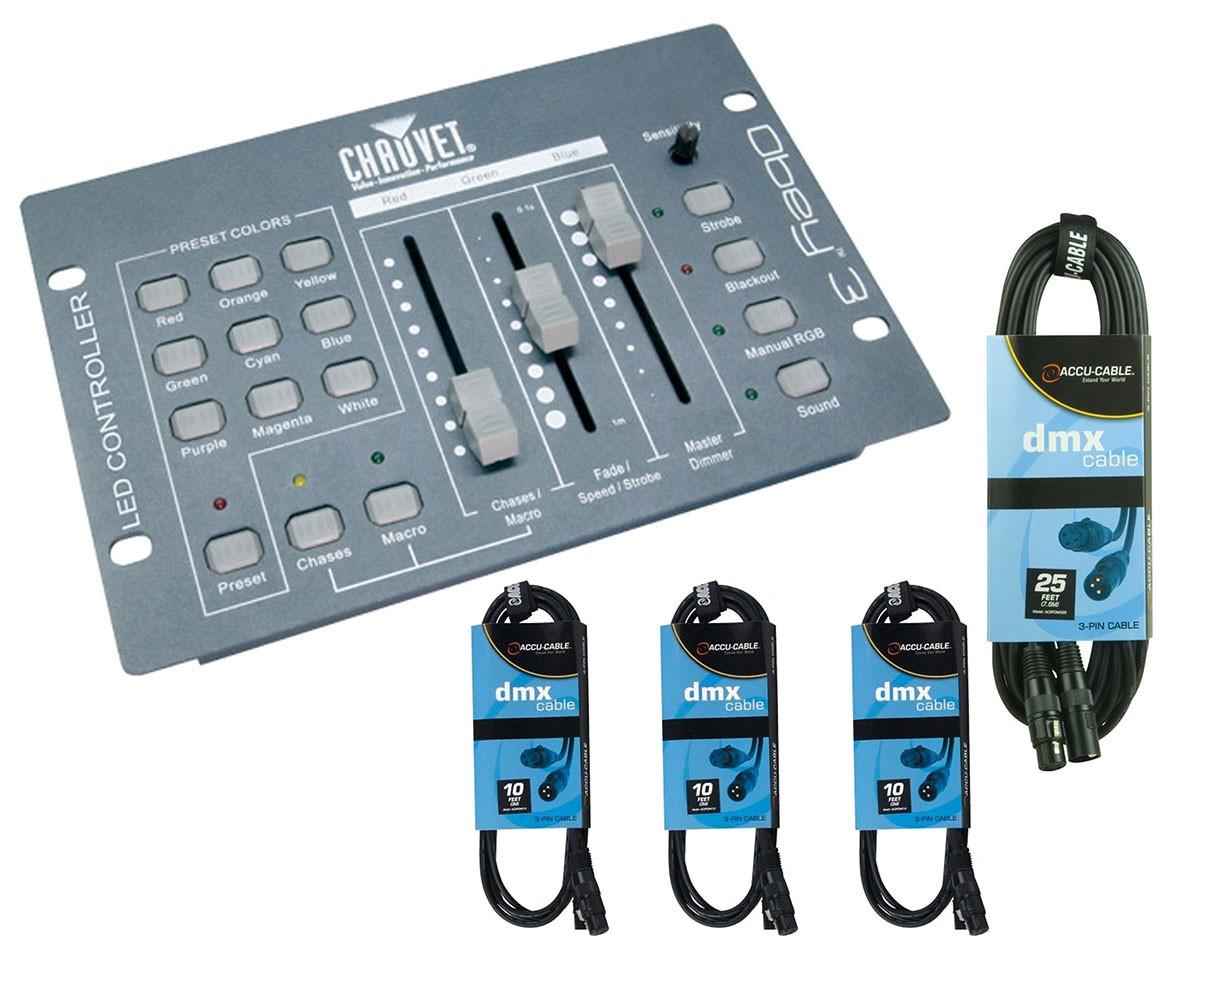 Chauvet Obey 3 + DMX Cables